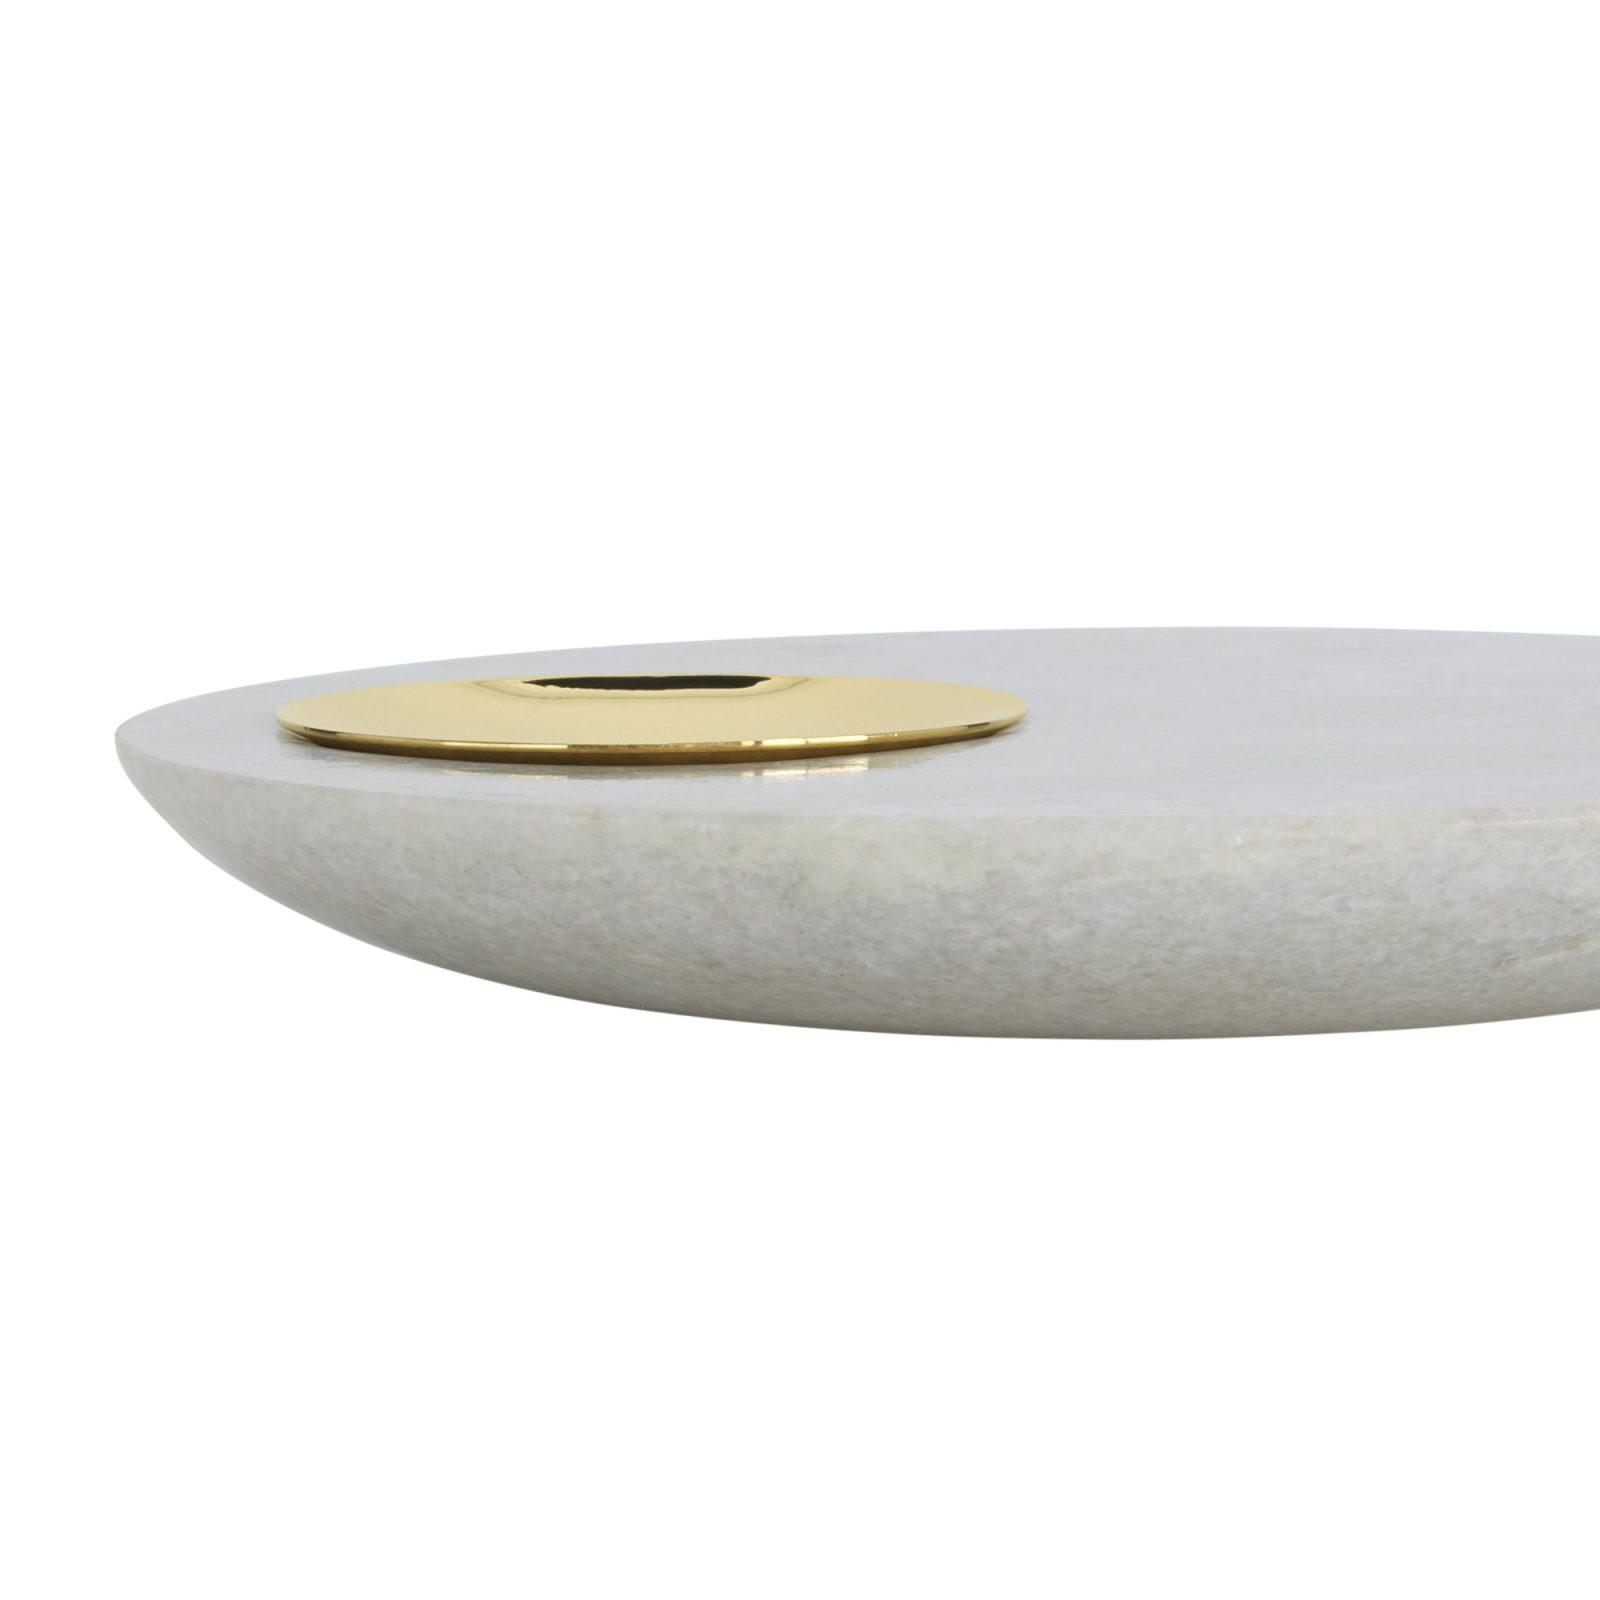 stone-serve-board-7